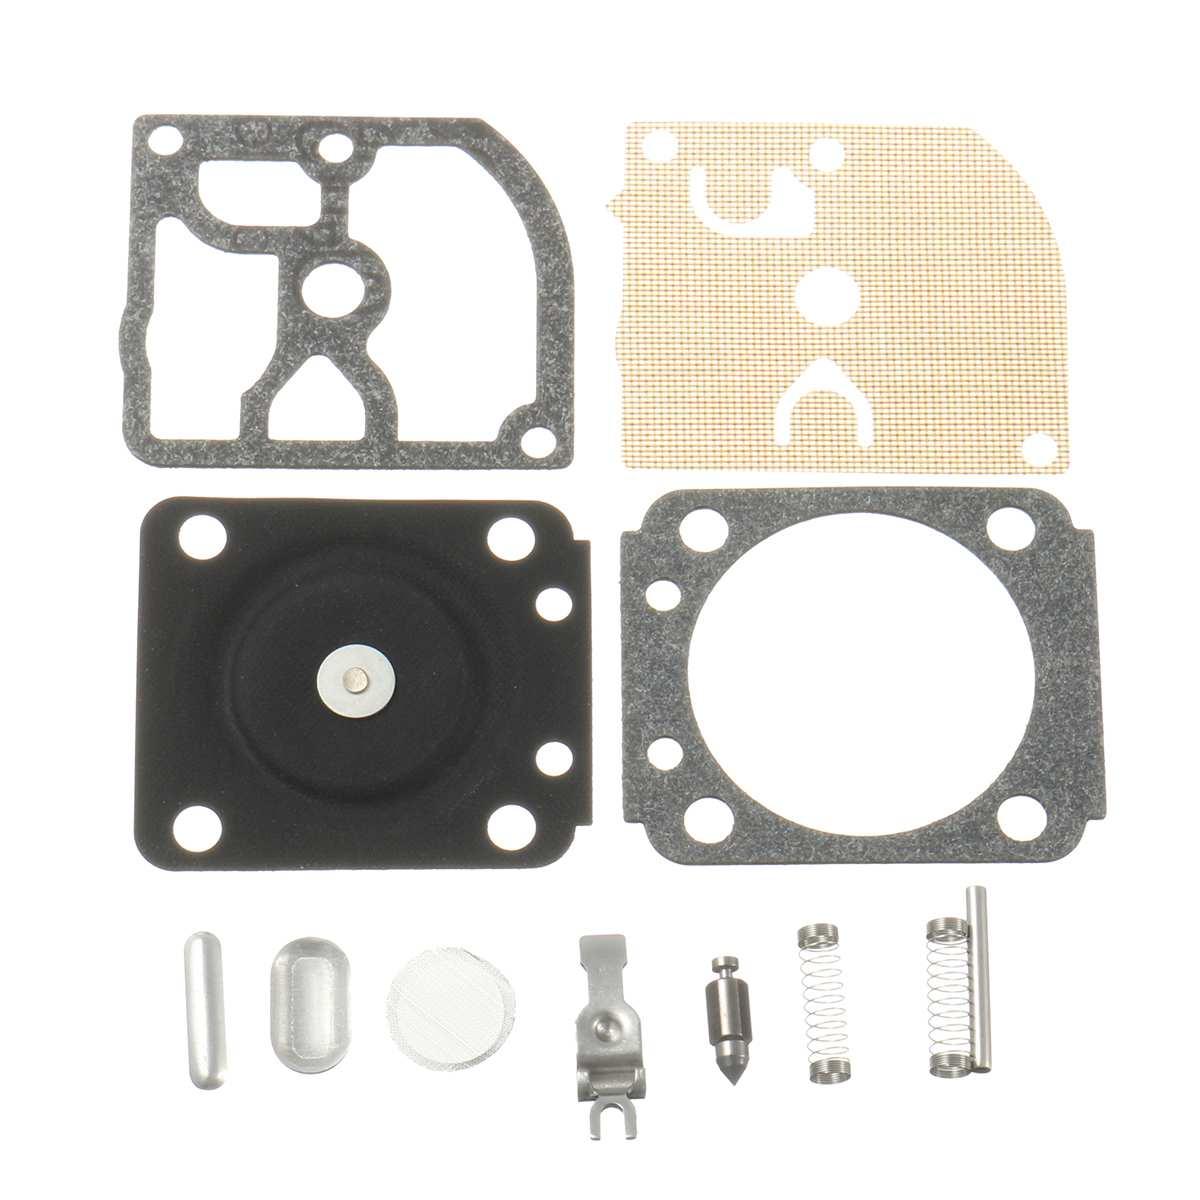 Carburetor Carb Repair Rebuild Kit Gasket For ZAMA RB77/STIHL 018 017 MS180 170